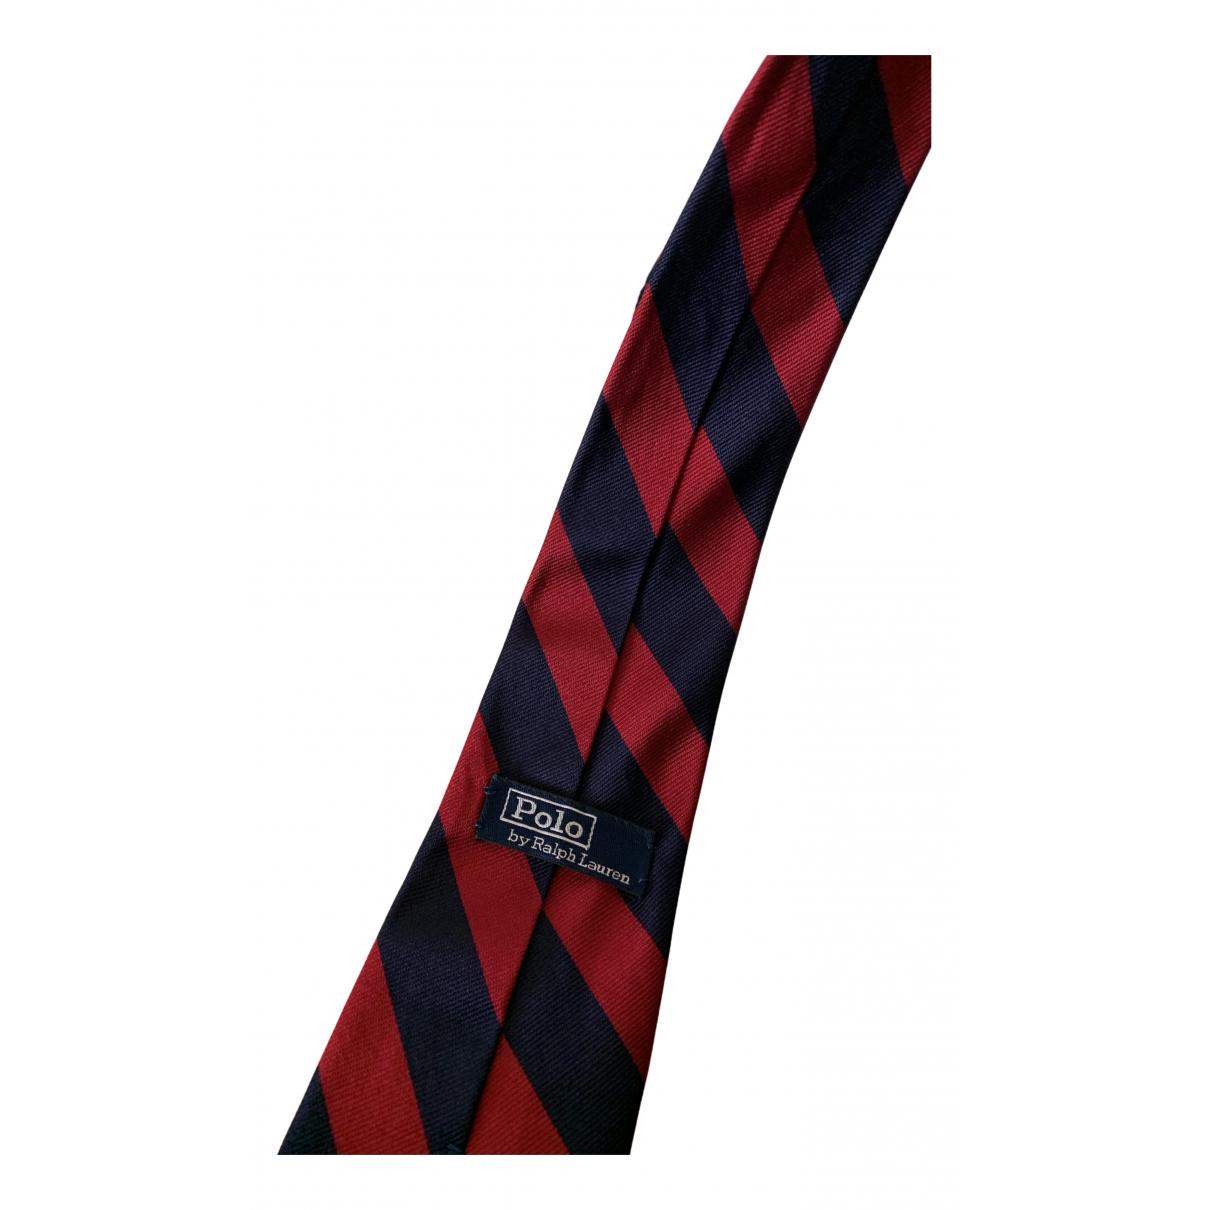 Polo Ralph Lauren - Cravates   pour homme en soie - rouge